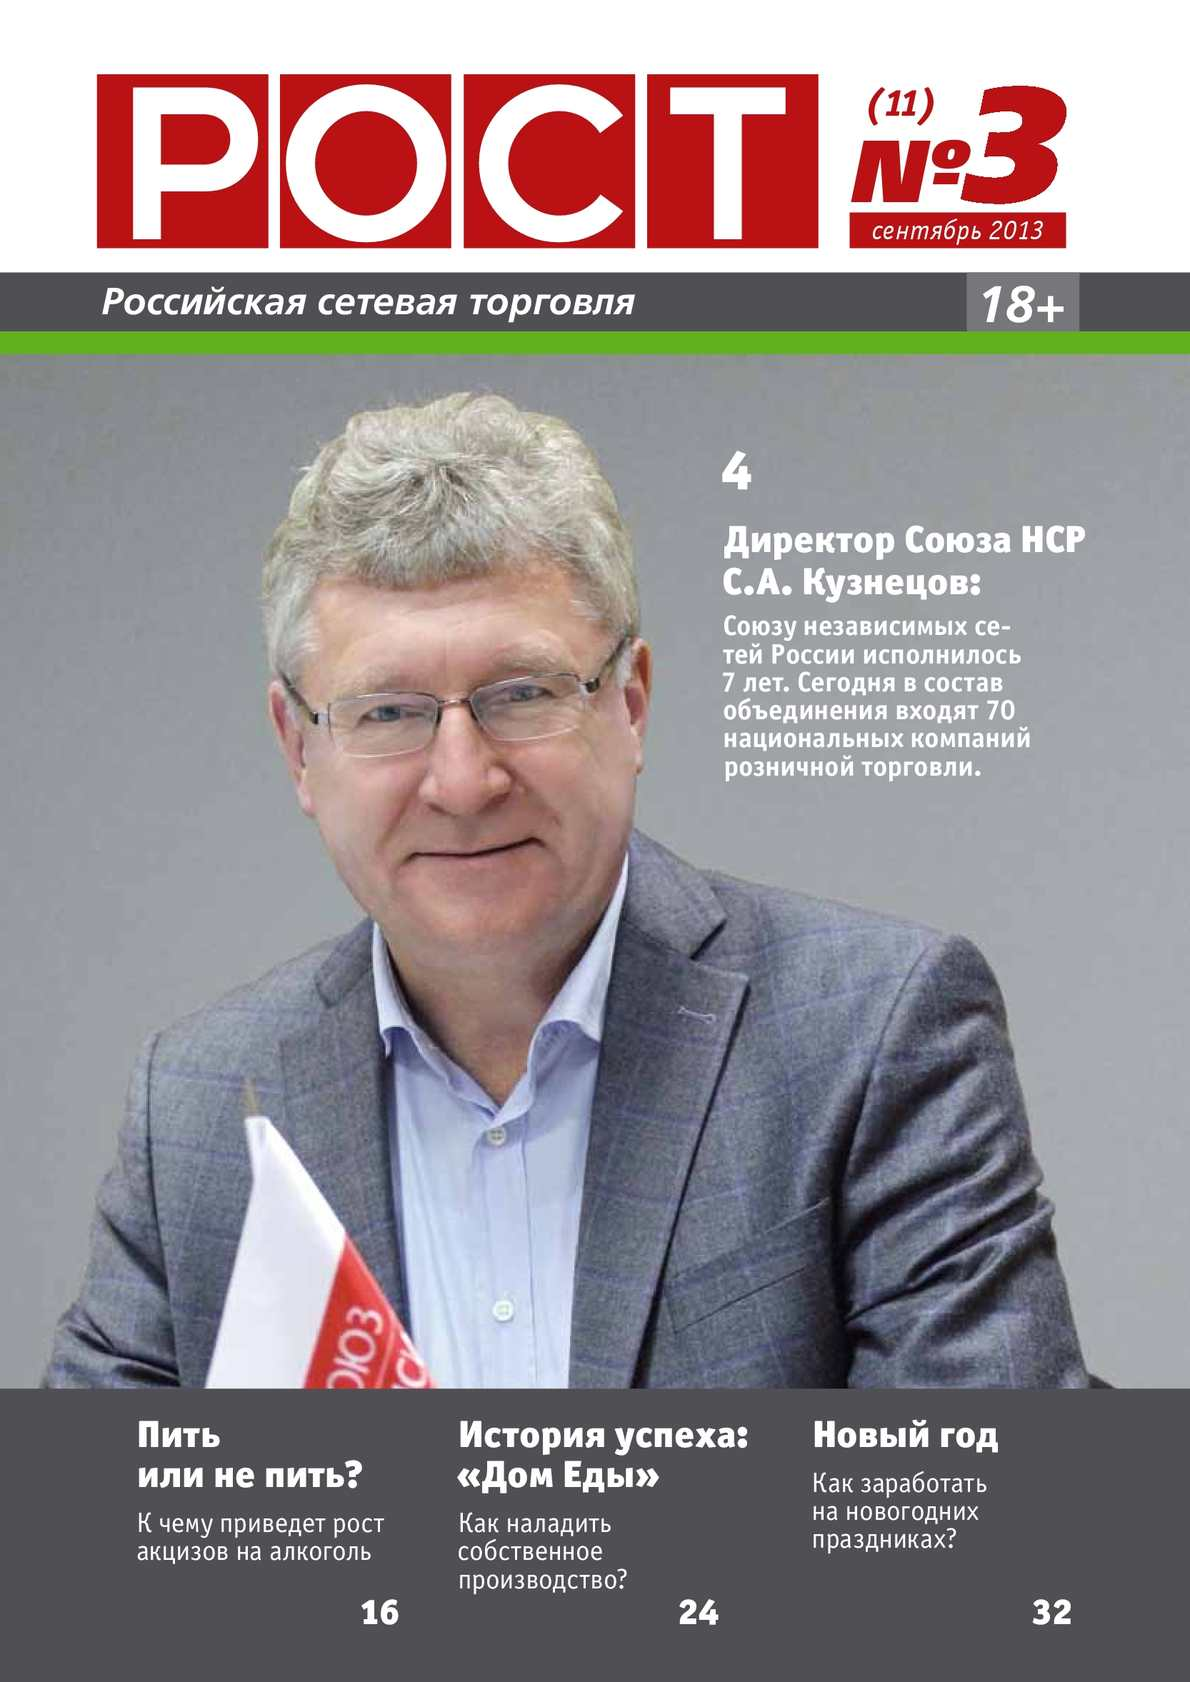 РОСТ. Российская сетевая торговля #3(11), Сентябрь 2013